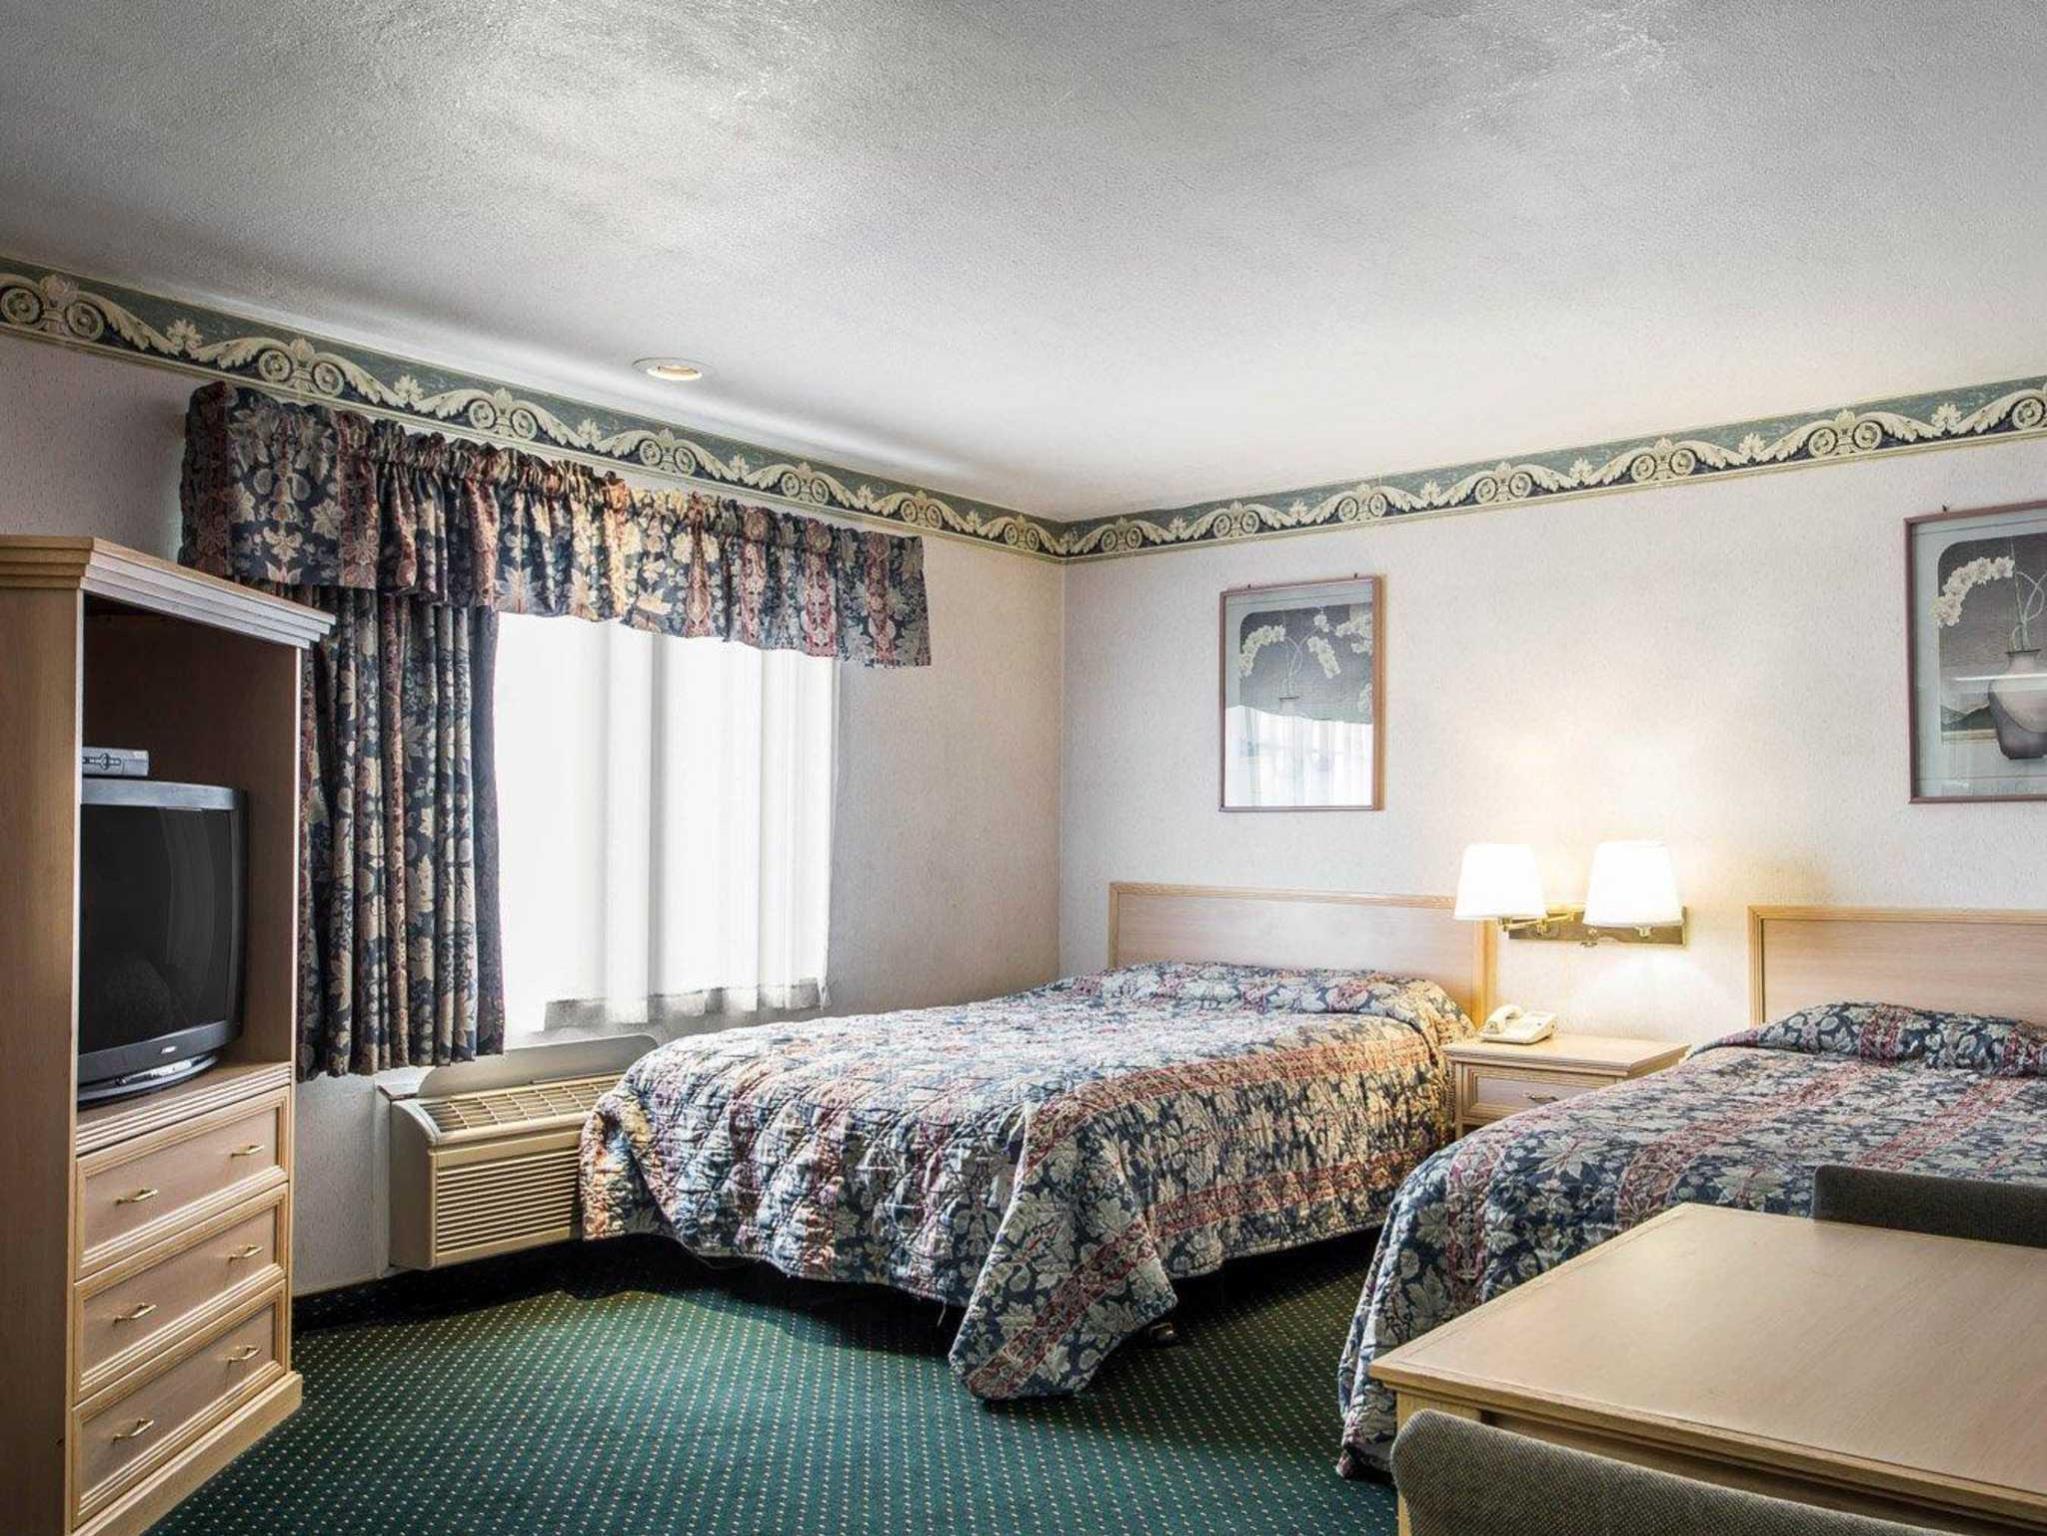 2 Double Beds, Non-Smoking